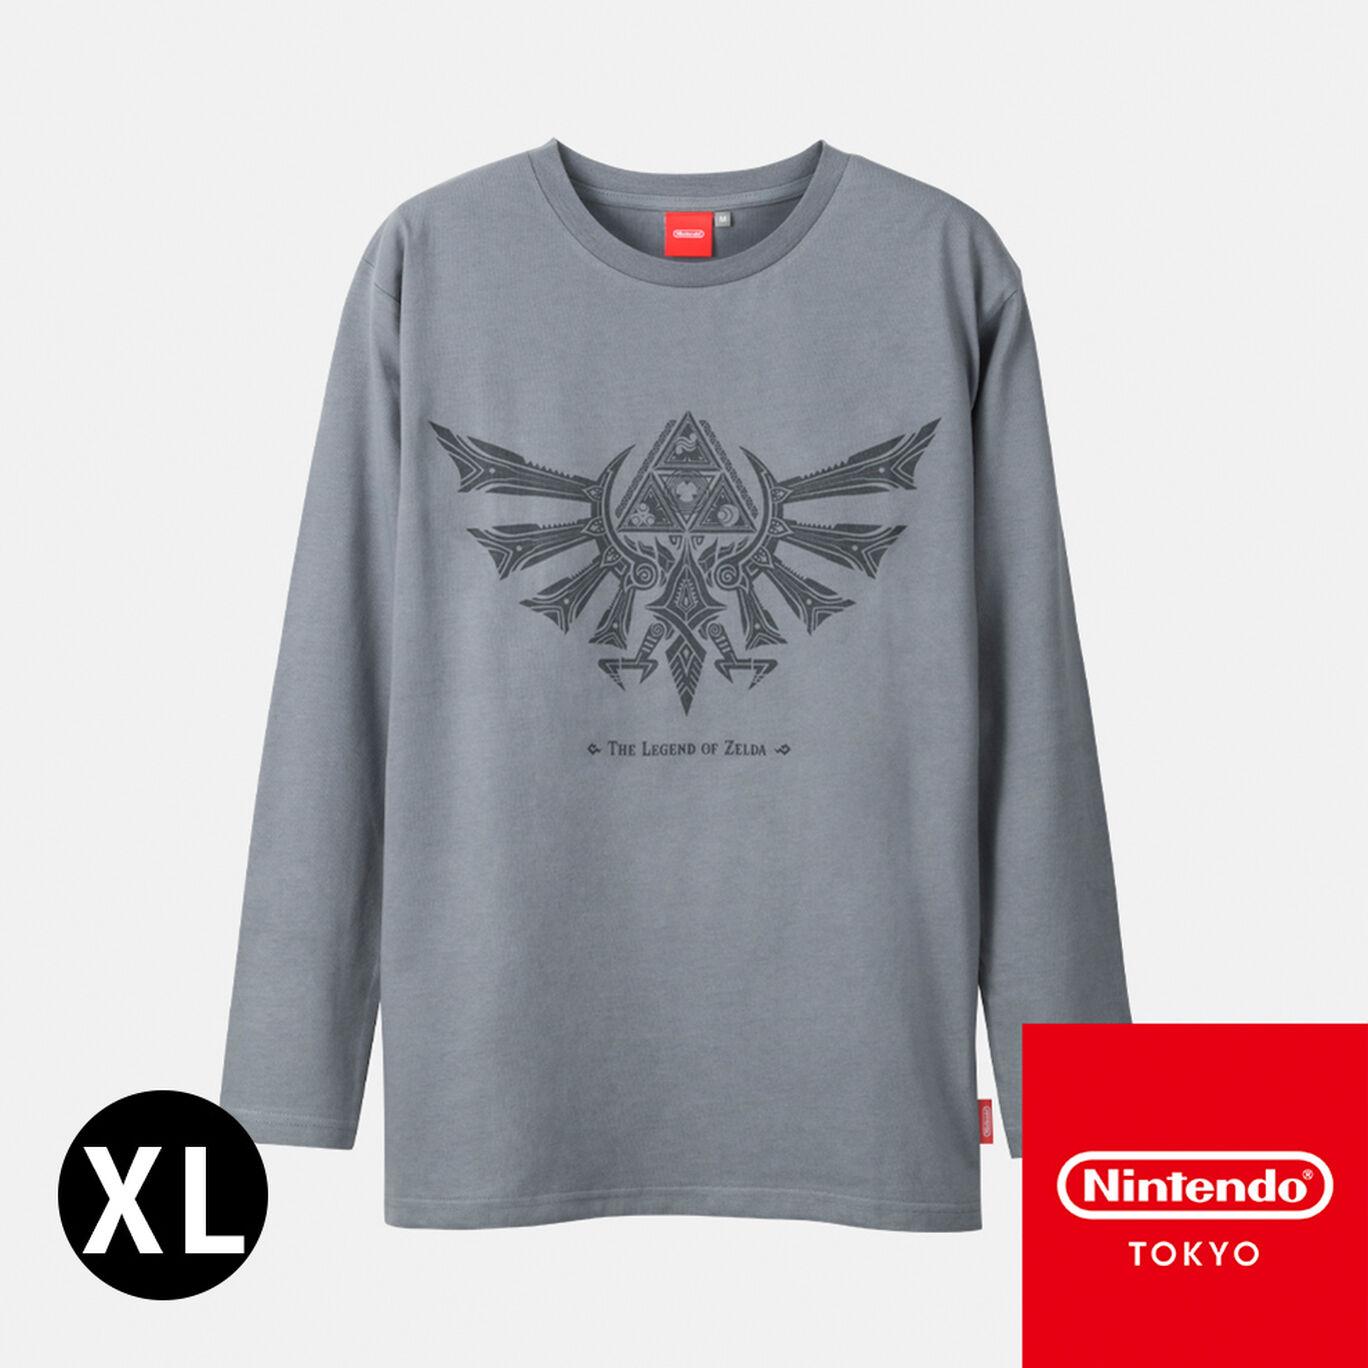 ロンT ゼルダの伝説 XL【Nintendo TOKYO取り扱い商品】